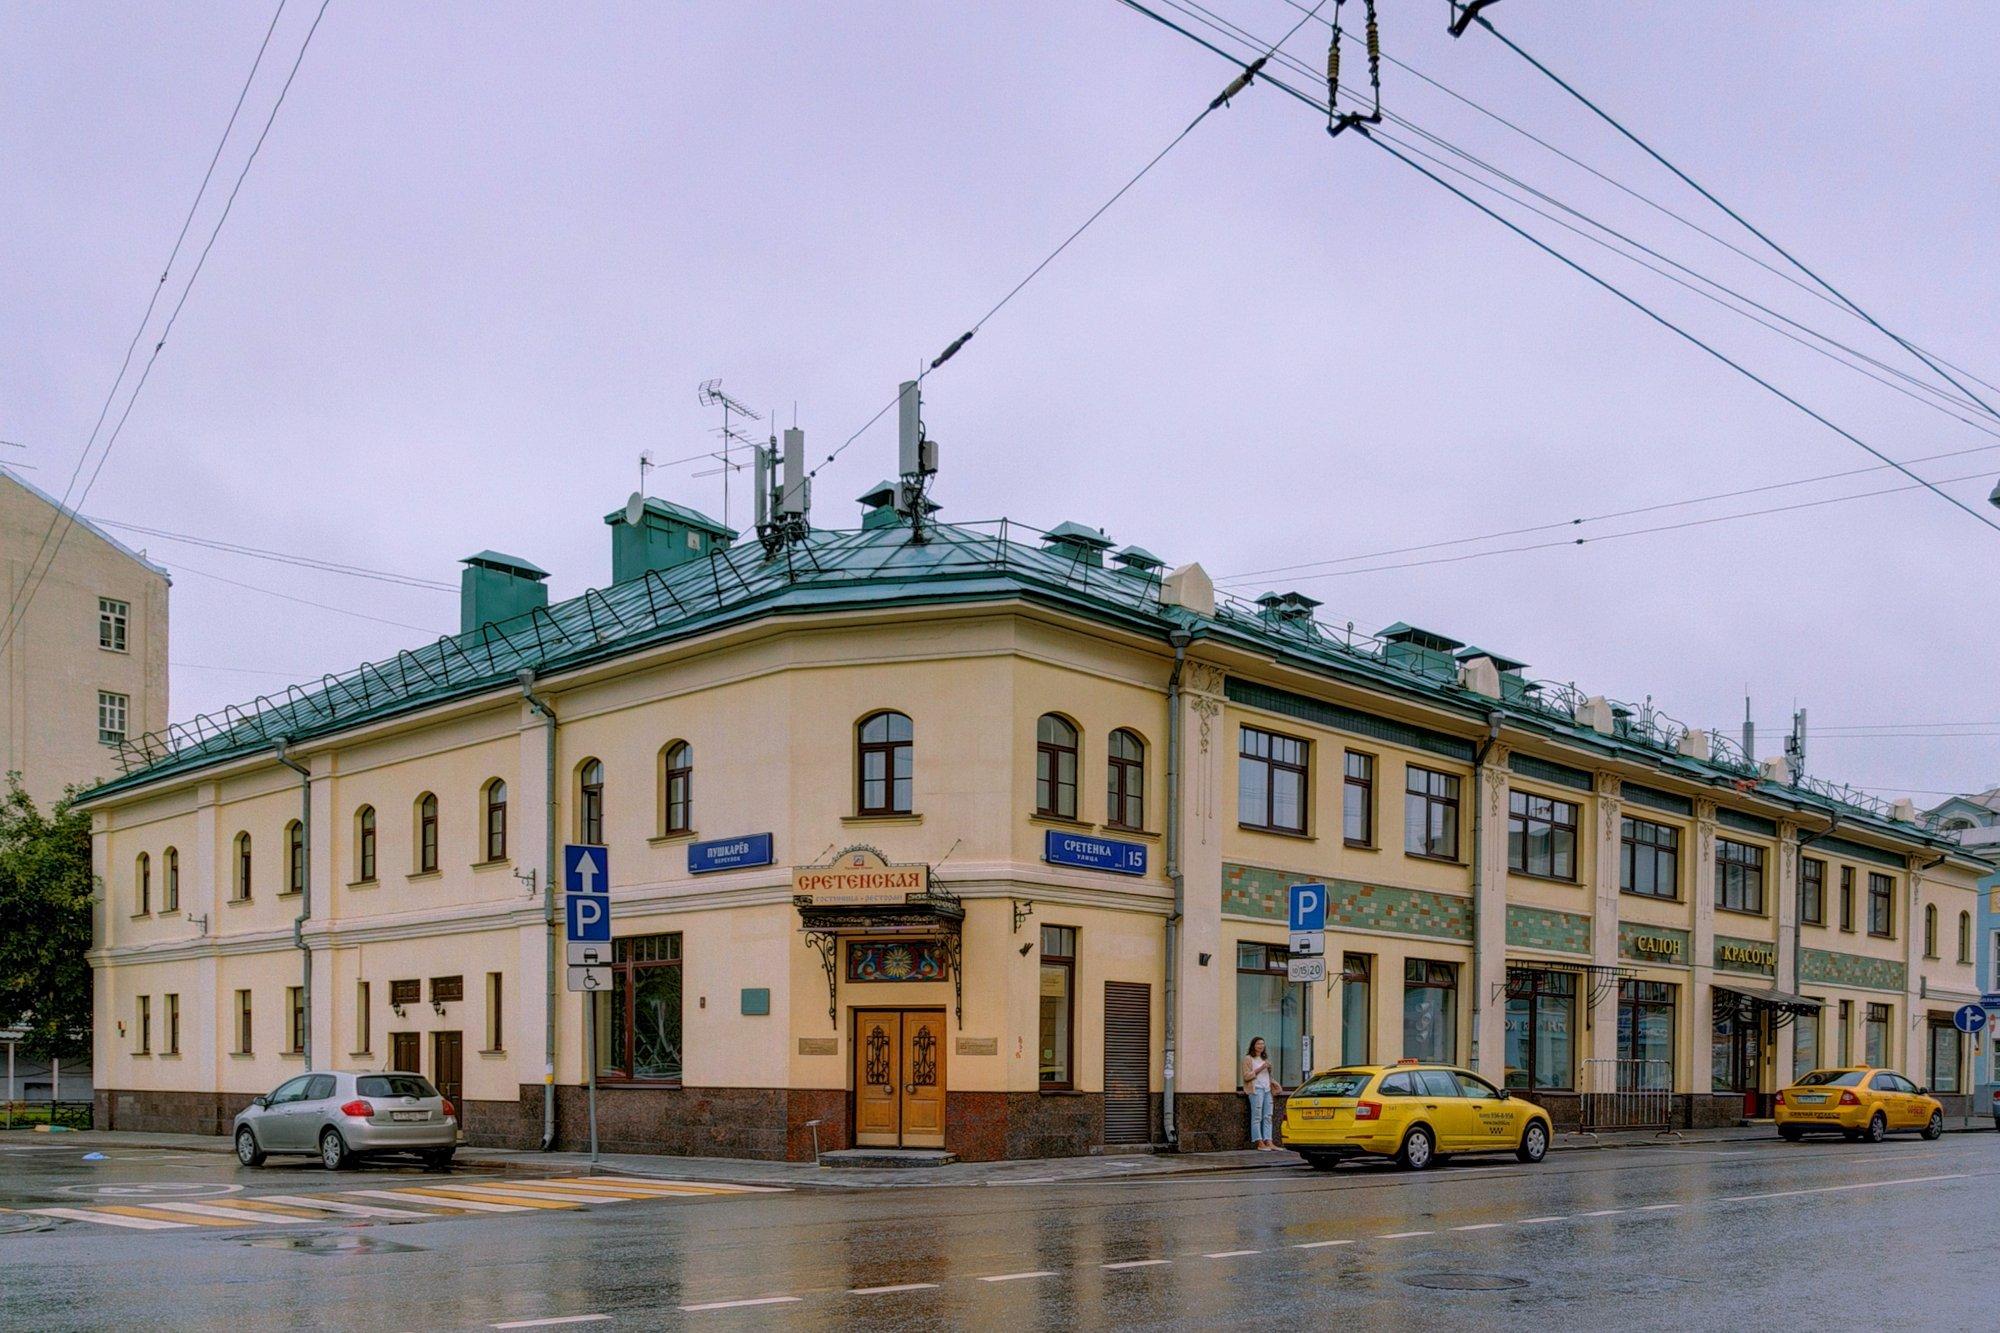 سريتينسكايا هوتل